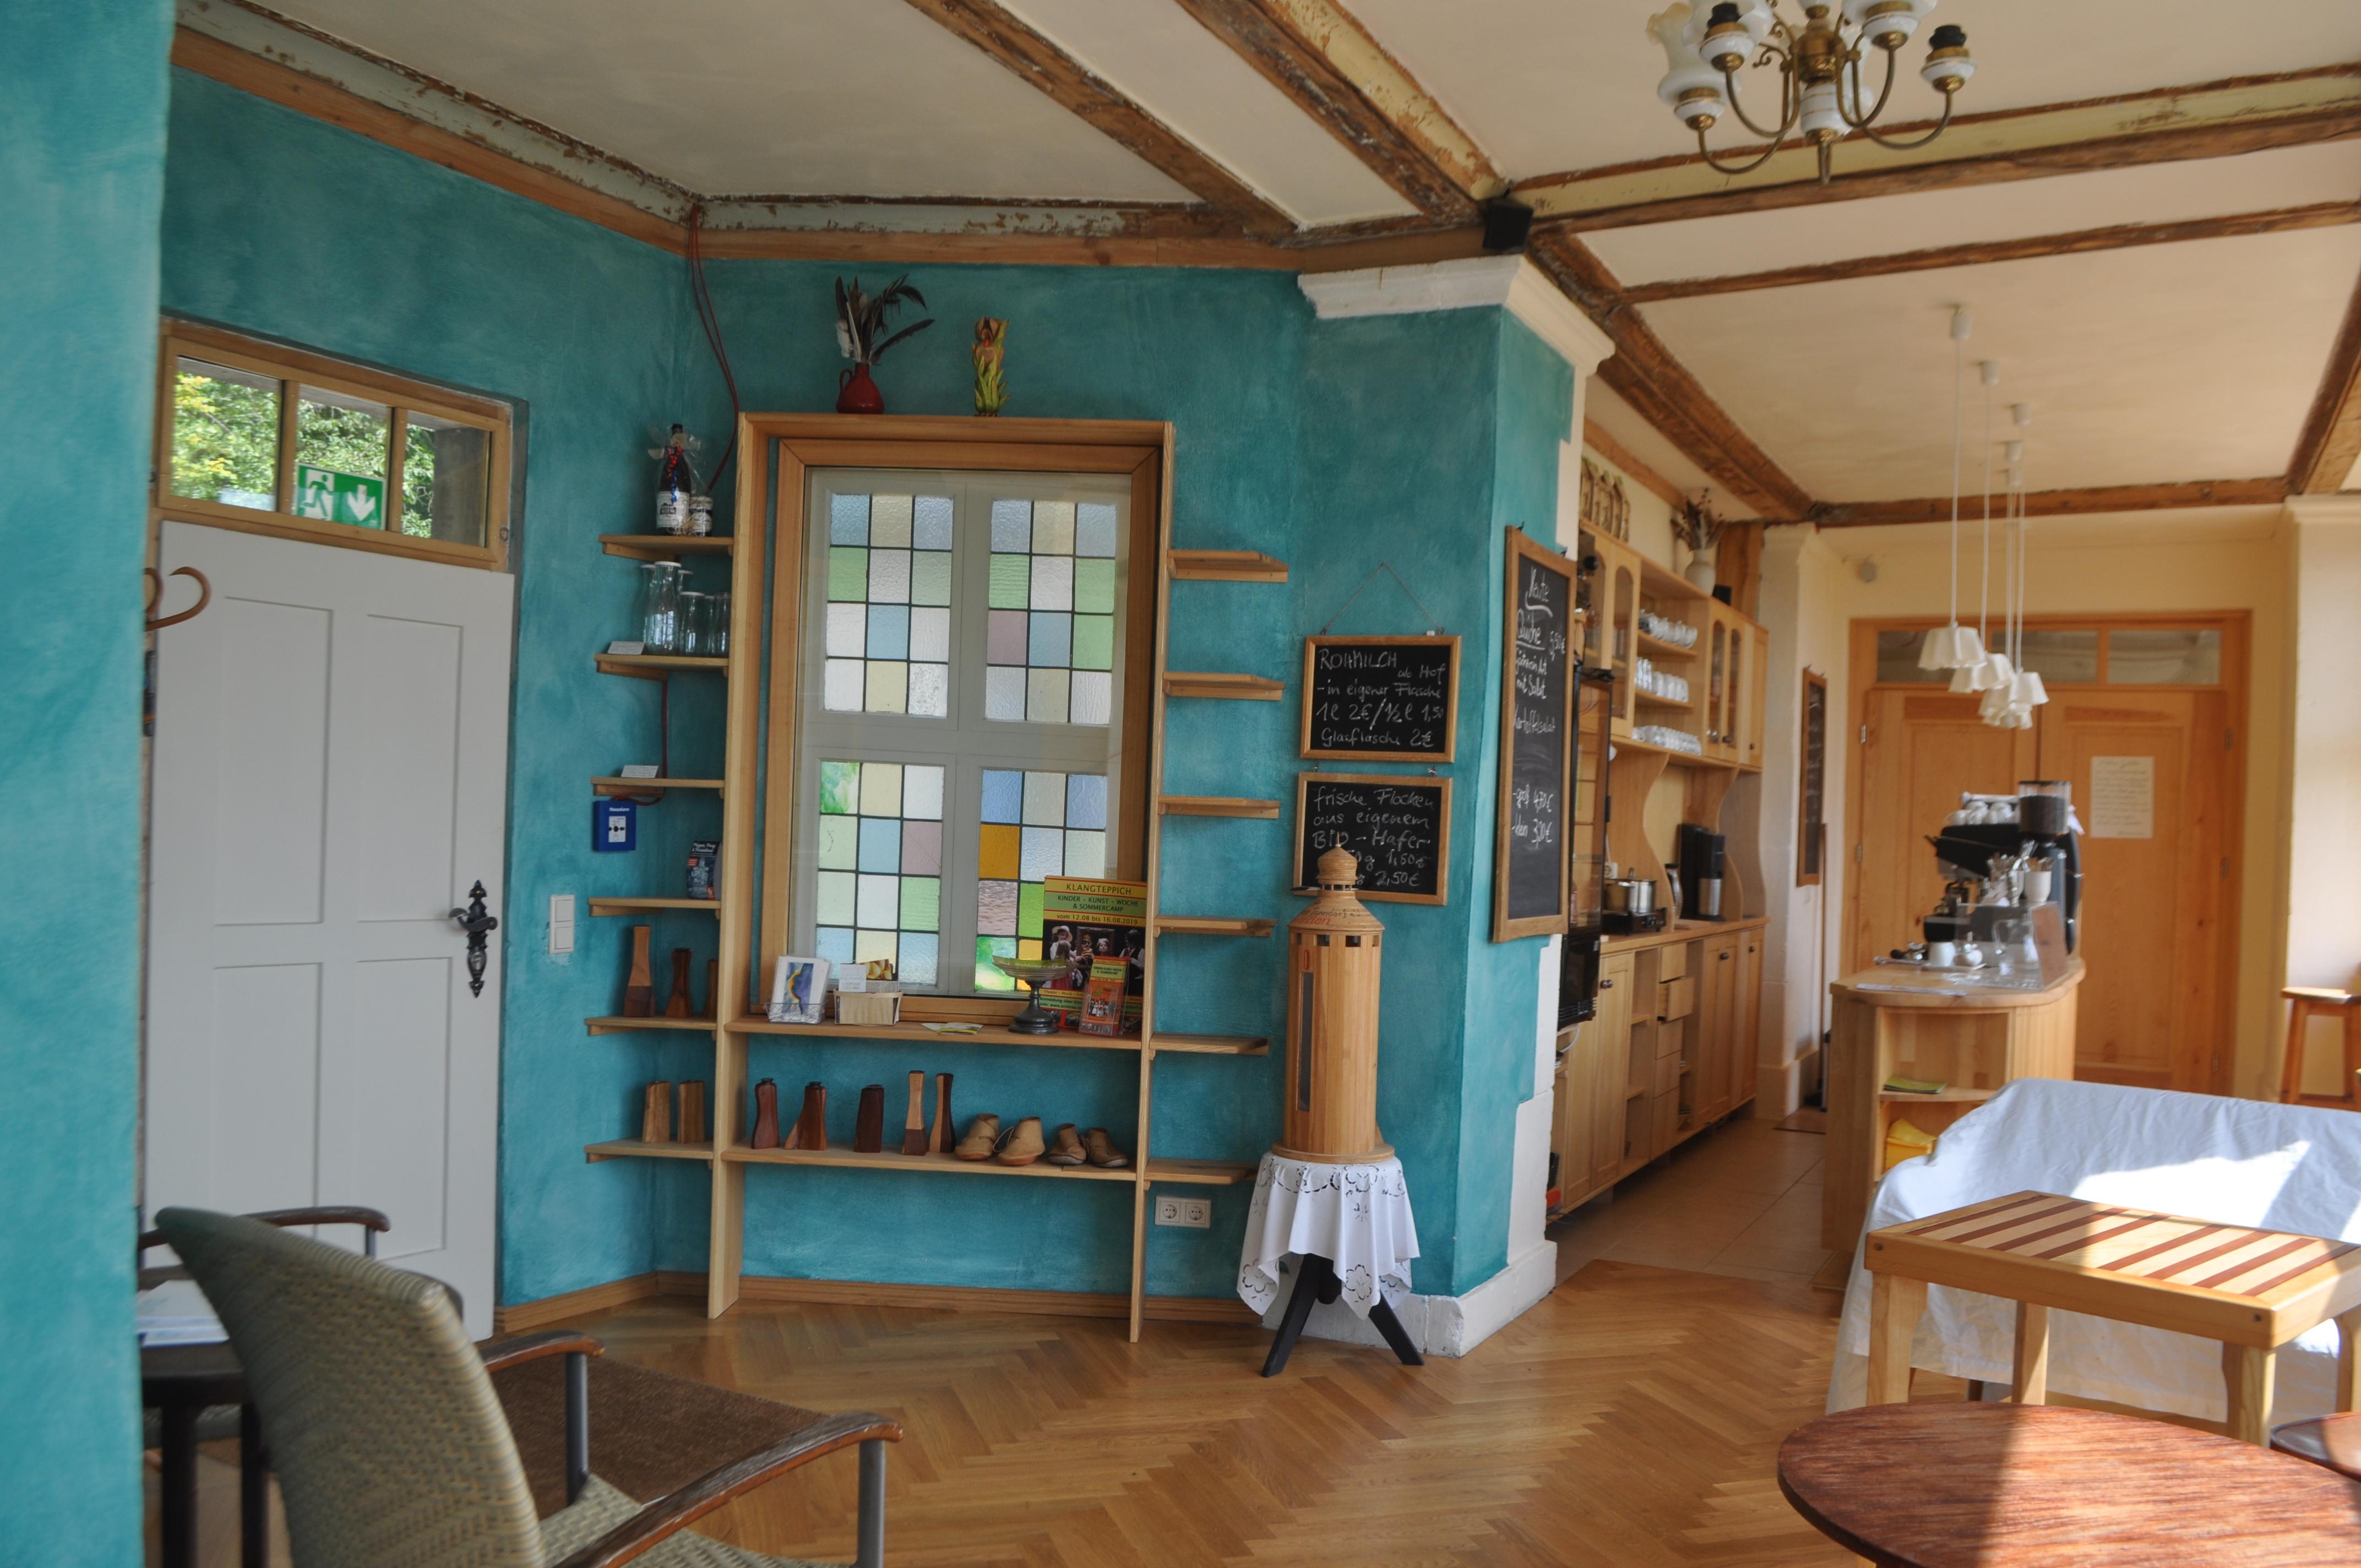 Kultur-Café (Auf Schloss Tonndorf e.G.)